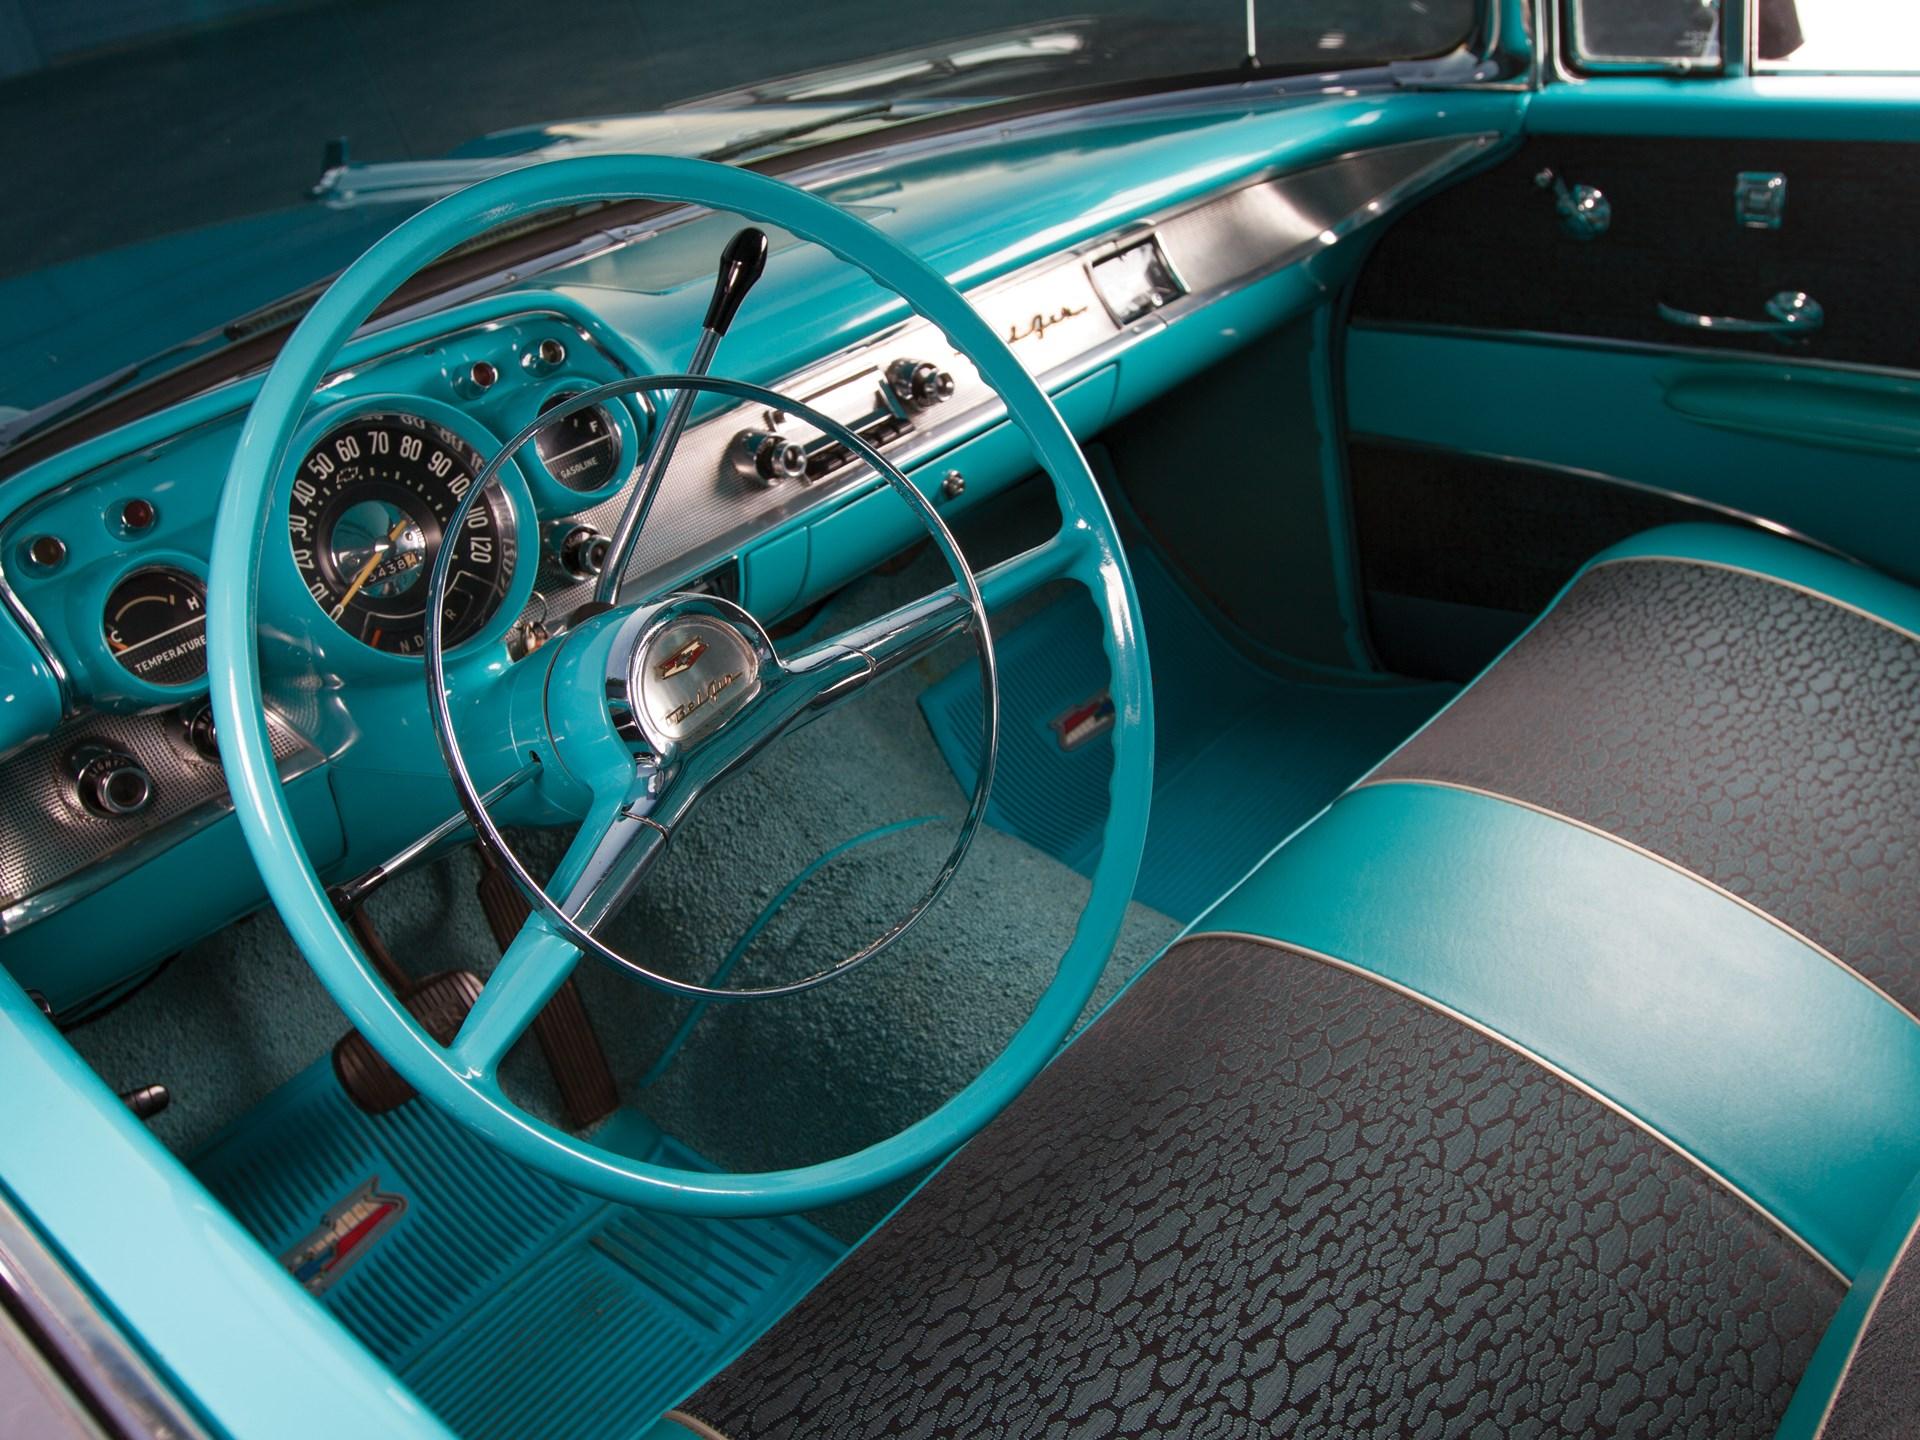 1957 Chevrolet Bel Air Nomad steering wheel